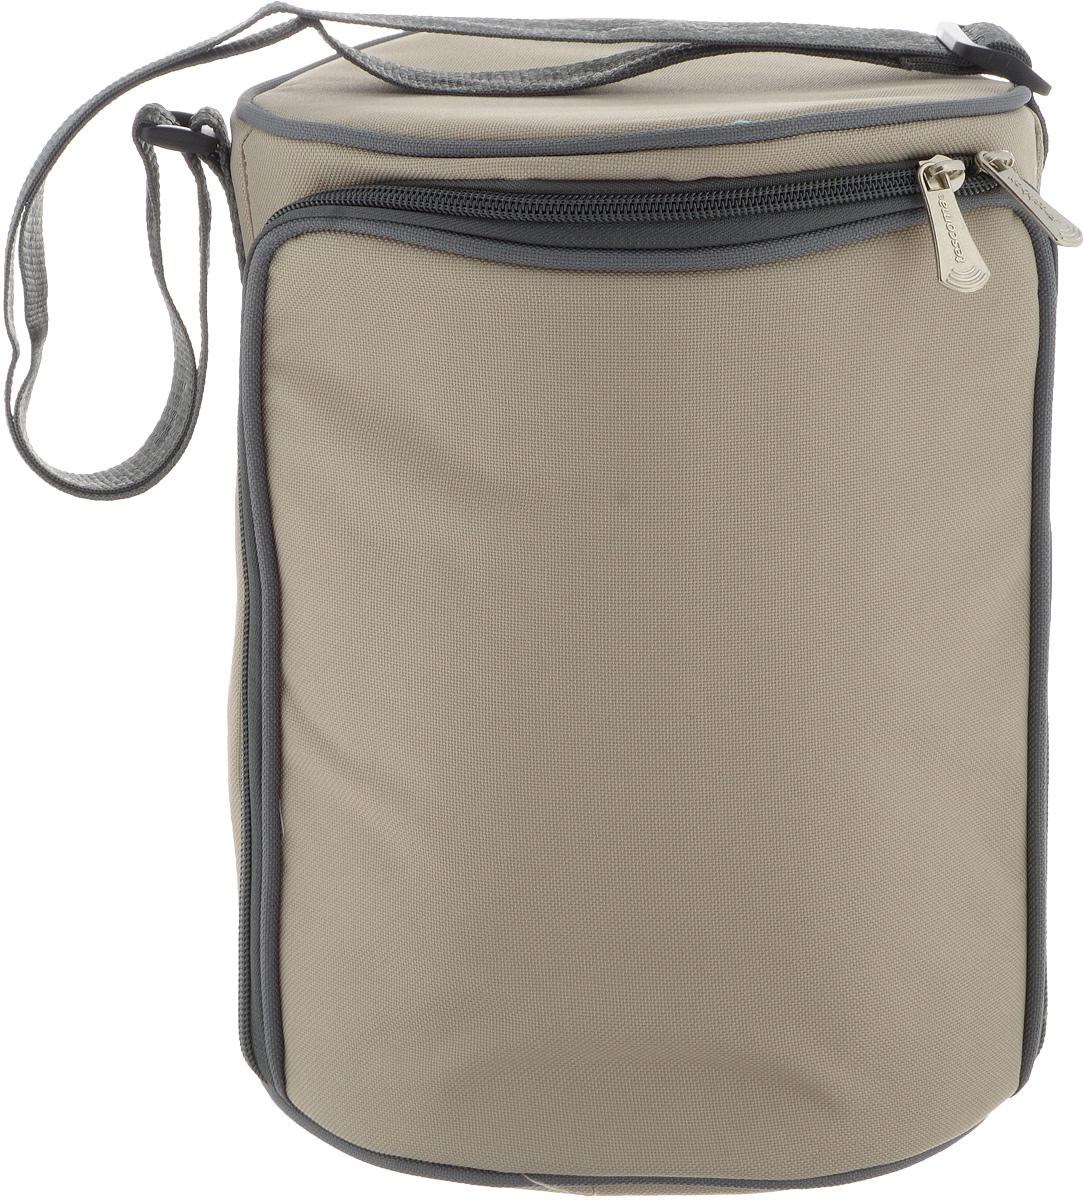 Термосумка Tescoma Freshbox, с 3 контейнерами, цвет: бежевый, 20 х 20 х 27 см892223.40Термосумка Tescoma Freshbox отлично подходит для хранения охлажденных фруктов, салатов, соусов, десертов и многого другого. В жаркий день блюда остаются холодными, при переноске не вытекают. Сумка, выполненная из полиэстера, имеет эффективную теплоизоляционную подкладку с алюминиевой фольгой. Изделие закрывается на молнию, снабжено ремнем, который регулируется. В комплекте с термосумкой поставляются 3 пищевых контейнера, выполненных из пластика. Крышка с силиконовой прослойкой и защелками с пяти сторон полностью герметична. Такие контейнера водонепроницаемы, отлично подходят даже для переноски жидких блюд. Не впитывают запахов и не окрашиваются в цвет пищи, материал изделия приятен на ощупь. Термосумка подходит для ручной стирки. Контейнеры можно использовать для разогревания пищи в микроволновой печи, а также для замораживания продуктов. Легко моется в посудомоечной машине. Объем контейнера: 1,5 л. Диаметр...